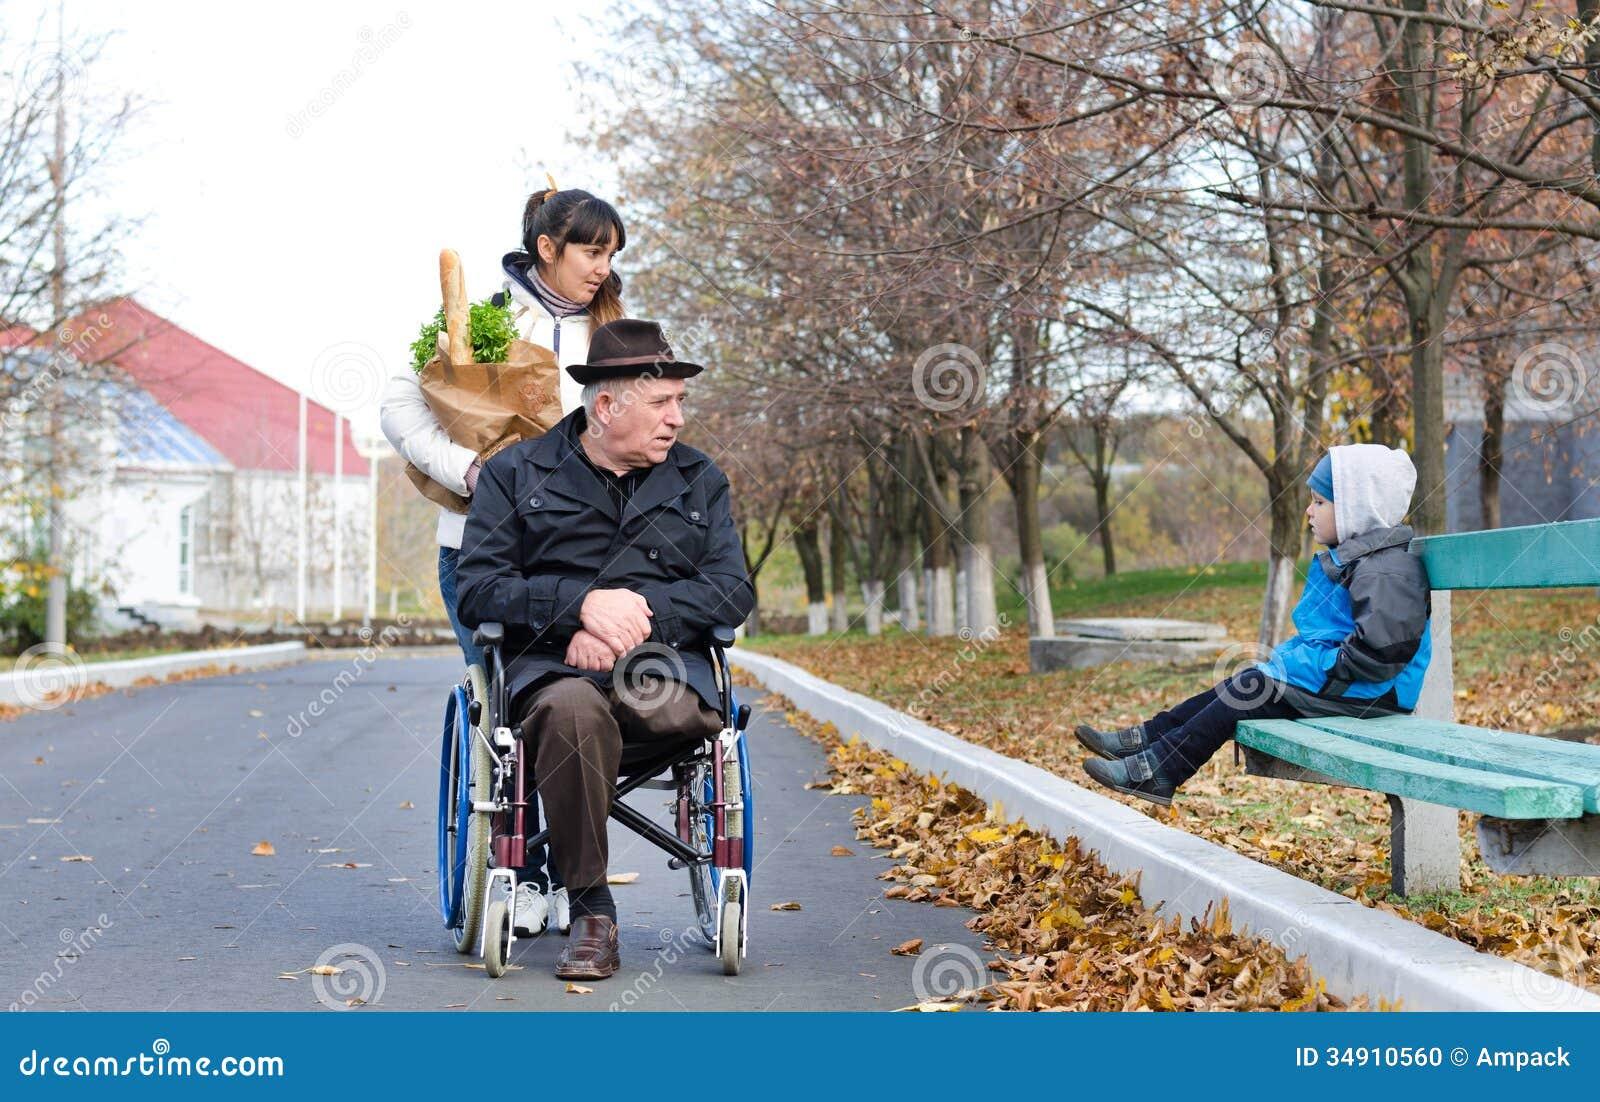 Behinderter Mann und sein Betreuer plaudern zu einem kleinen Jungen